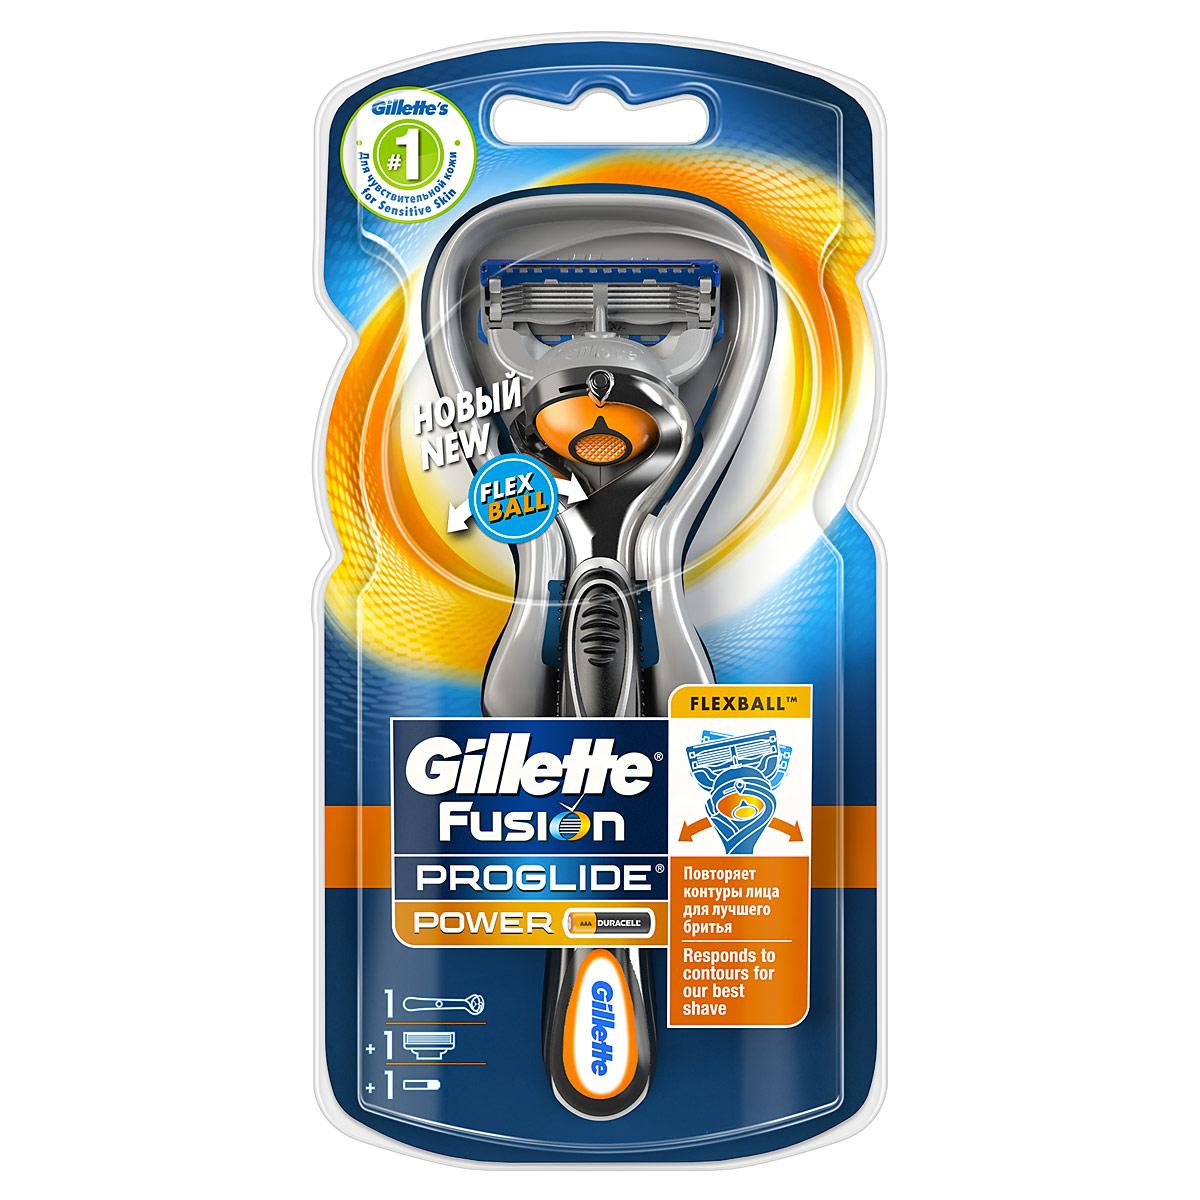 Gillette Бритва Fusion ProGlide Power с технологией FlexBall (без дополнительных сменных кассет)GIL-81523294Технология FlexBall — ИННОВАЦИЯ от Gillette, позволяющая бритве двигаться в дополнительной плоскости. Следует контурам твоего лица для лучшего бритья от Gillette. Сбривает буквально каждый волосок. Продукты Fusion ProGlide — лучшее бритье от Gillette! Используйте вместе со средствами для бритья Gillette Fusion ProGlide с формулой «2-в-1» (гель для бритья + уход за кожей) для достижения наилучшего результата. Характеристики продукта: - Самые тонкие лезвия Gillette для революционного скольжения и гладкости бритья (первые четыре лезвия по сравнению с Fusion). - Кассета с пятью лезвиями обеспечивает меньшее давление на кожу, уменьшая раздражение (по сравнению с Mach3). - Увеличенная смазывающая полоска с добавлением минеральных масел (по сравнению с Fusion). - Каналы для удаления излишков геля. - Улучшенное лезвие-триммер на обратной стороне кассеты (по сравнению с Fusion). - Стабилизатор лезвий. - Микроимпульсы Power снижают сопротивление во время бритья. - Микрорасческа направляет...